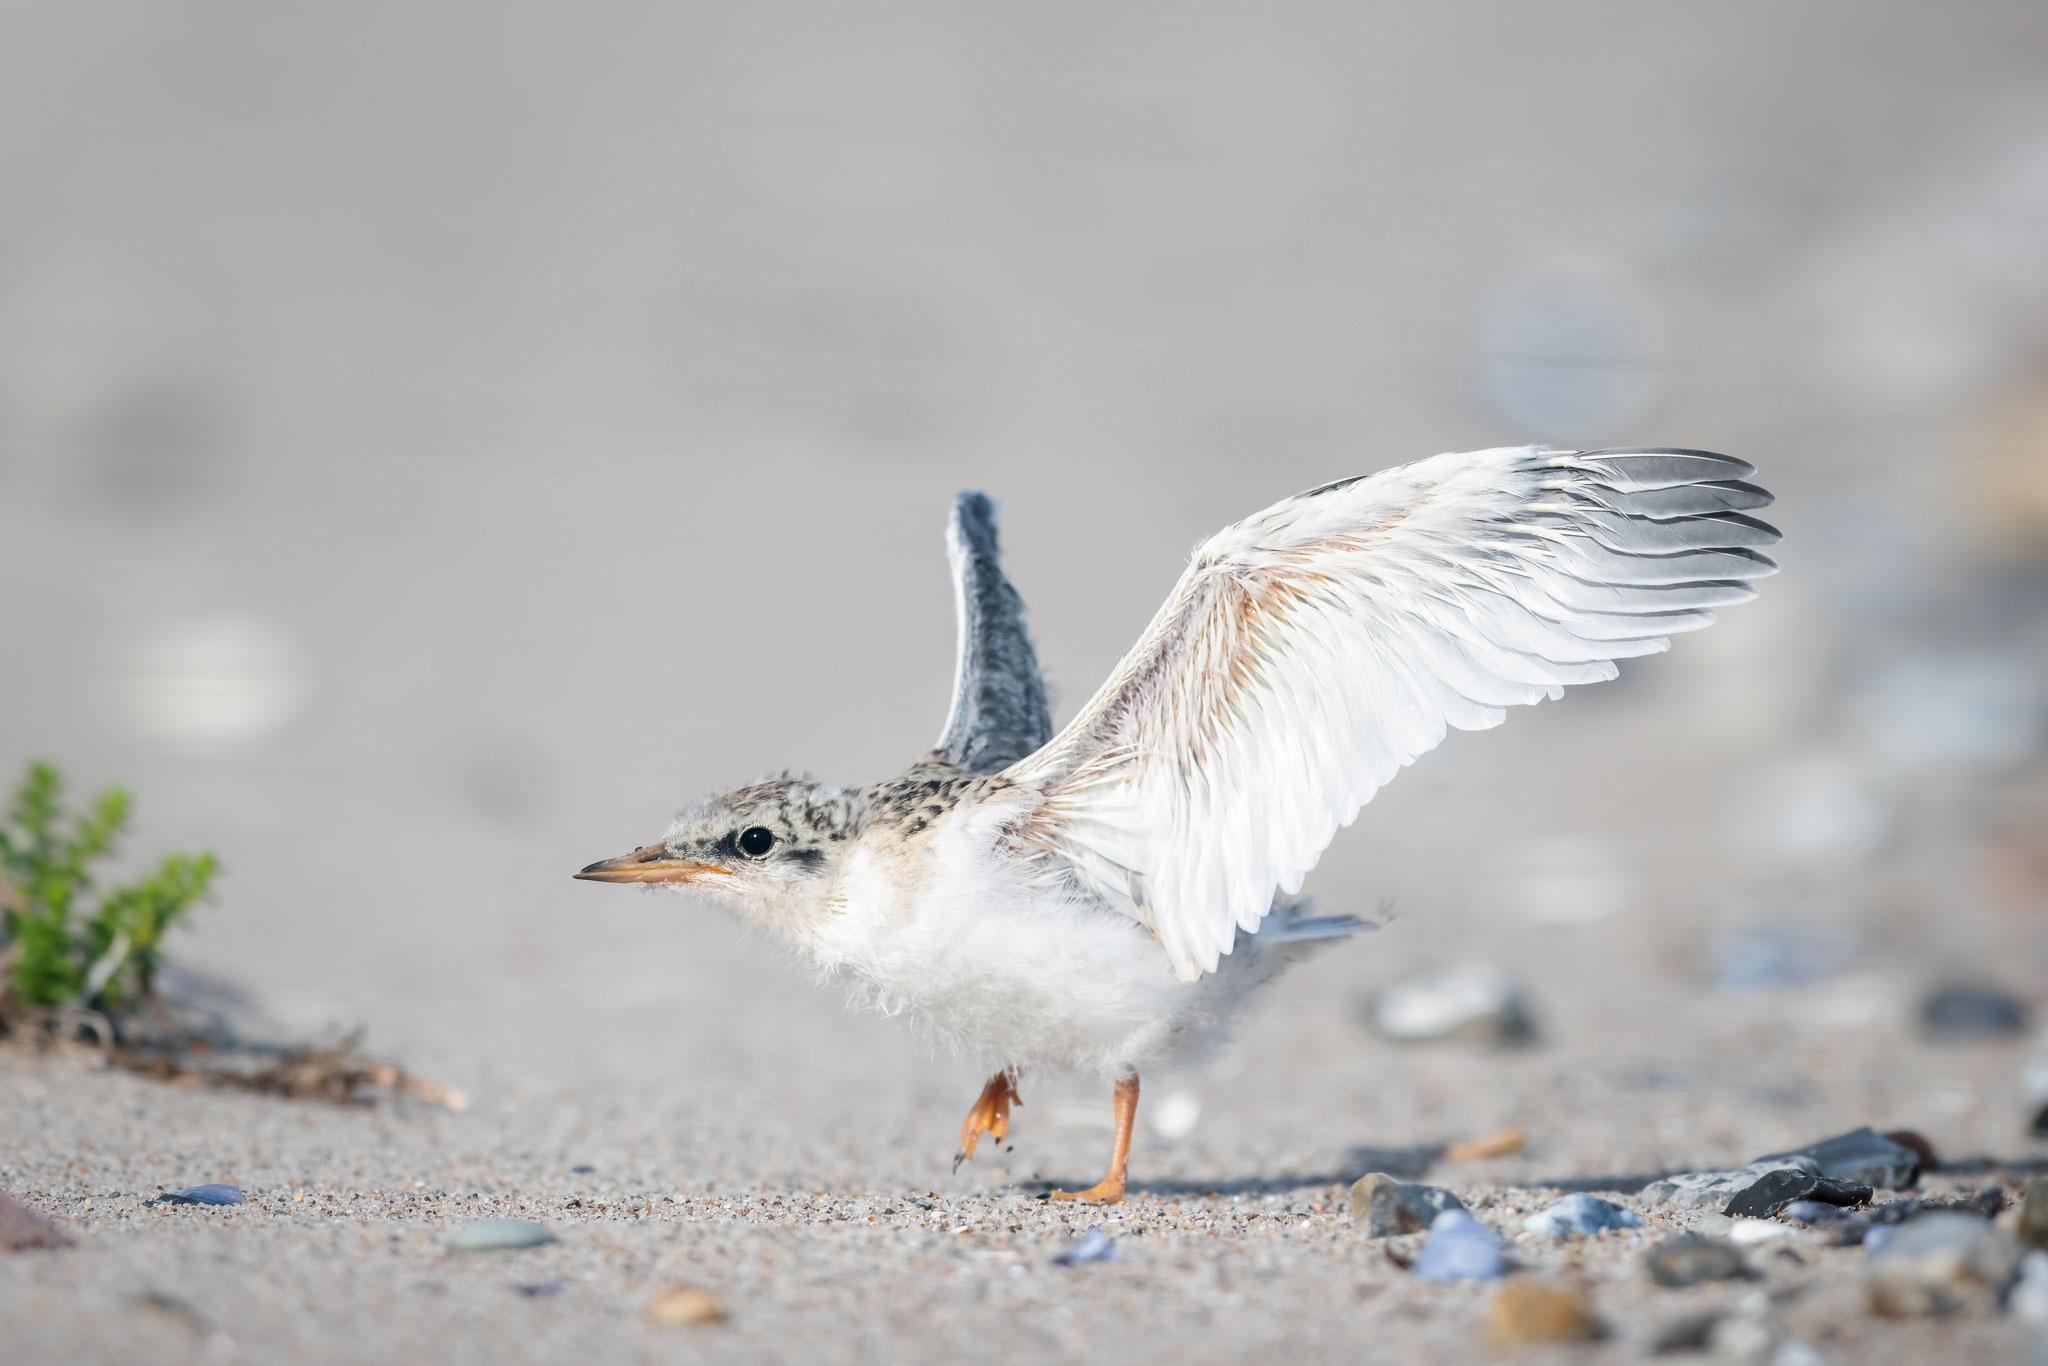 Als kleiner Vogel hat man's nicht leicht. Mit dem Fliegen will es noch nicht so recht klappen.